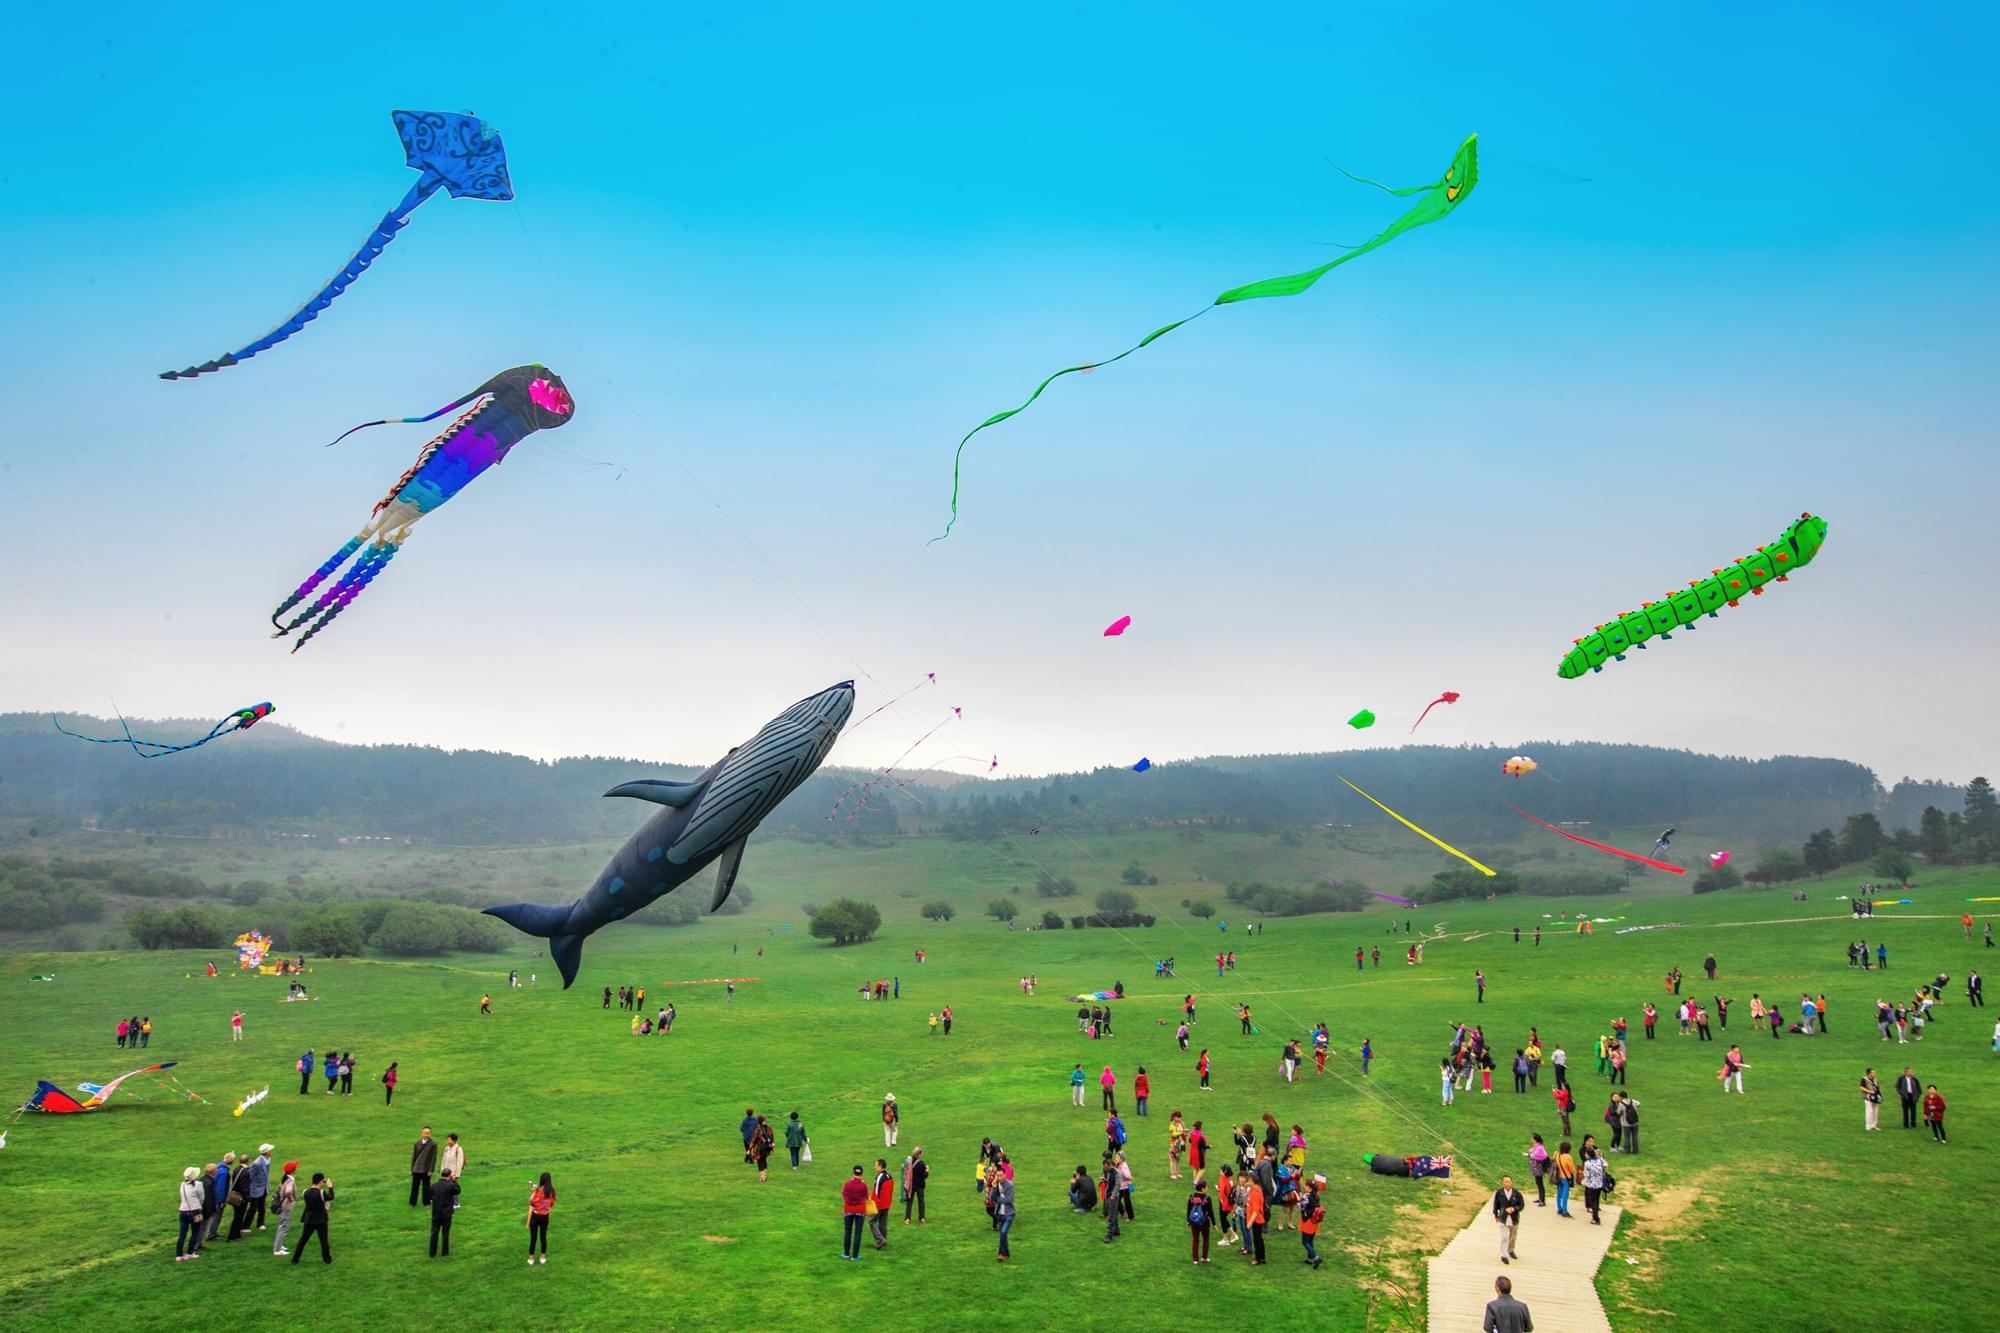 去仙女山放风筝 火车都在天上飞!